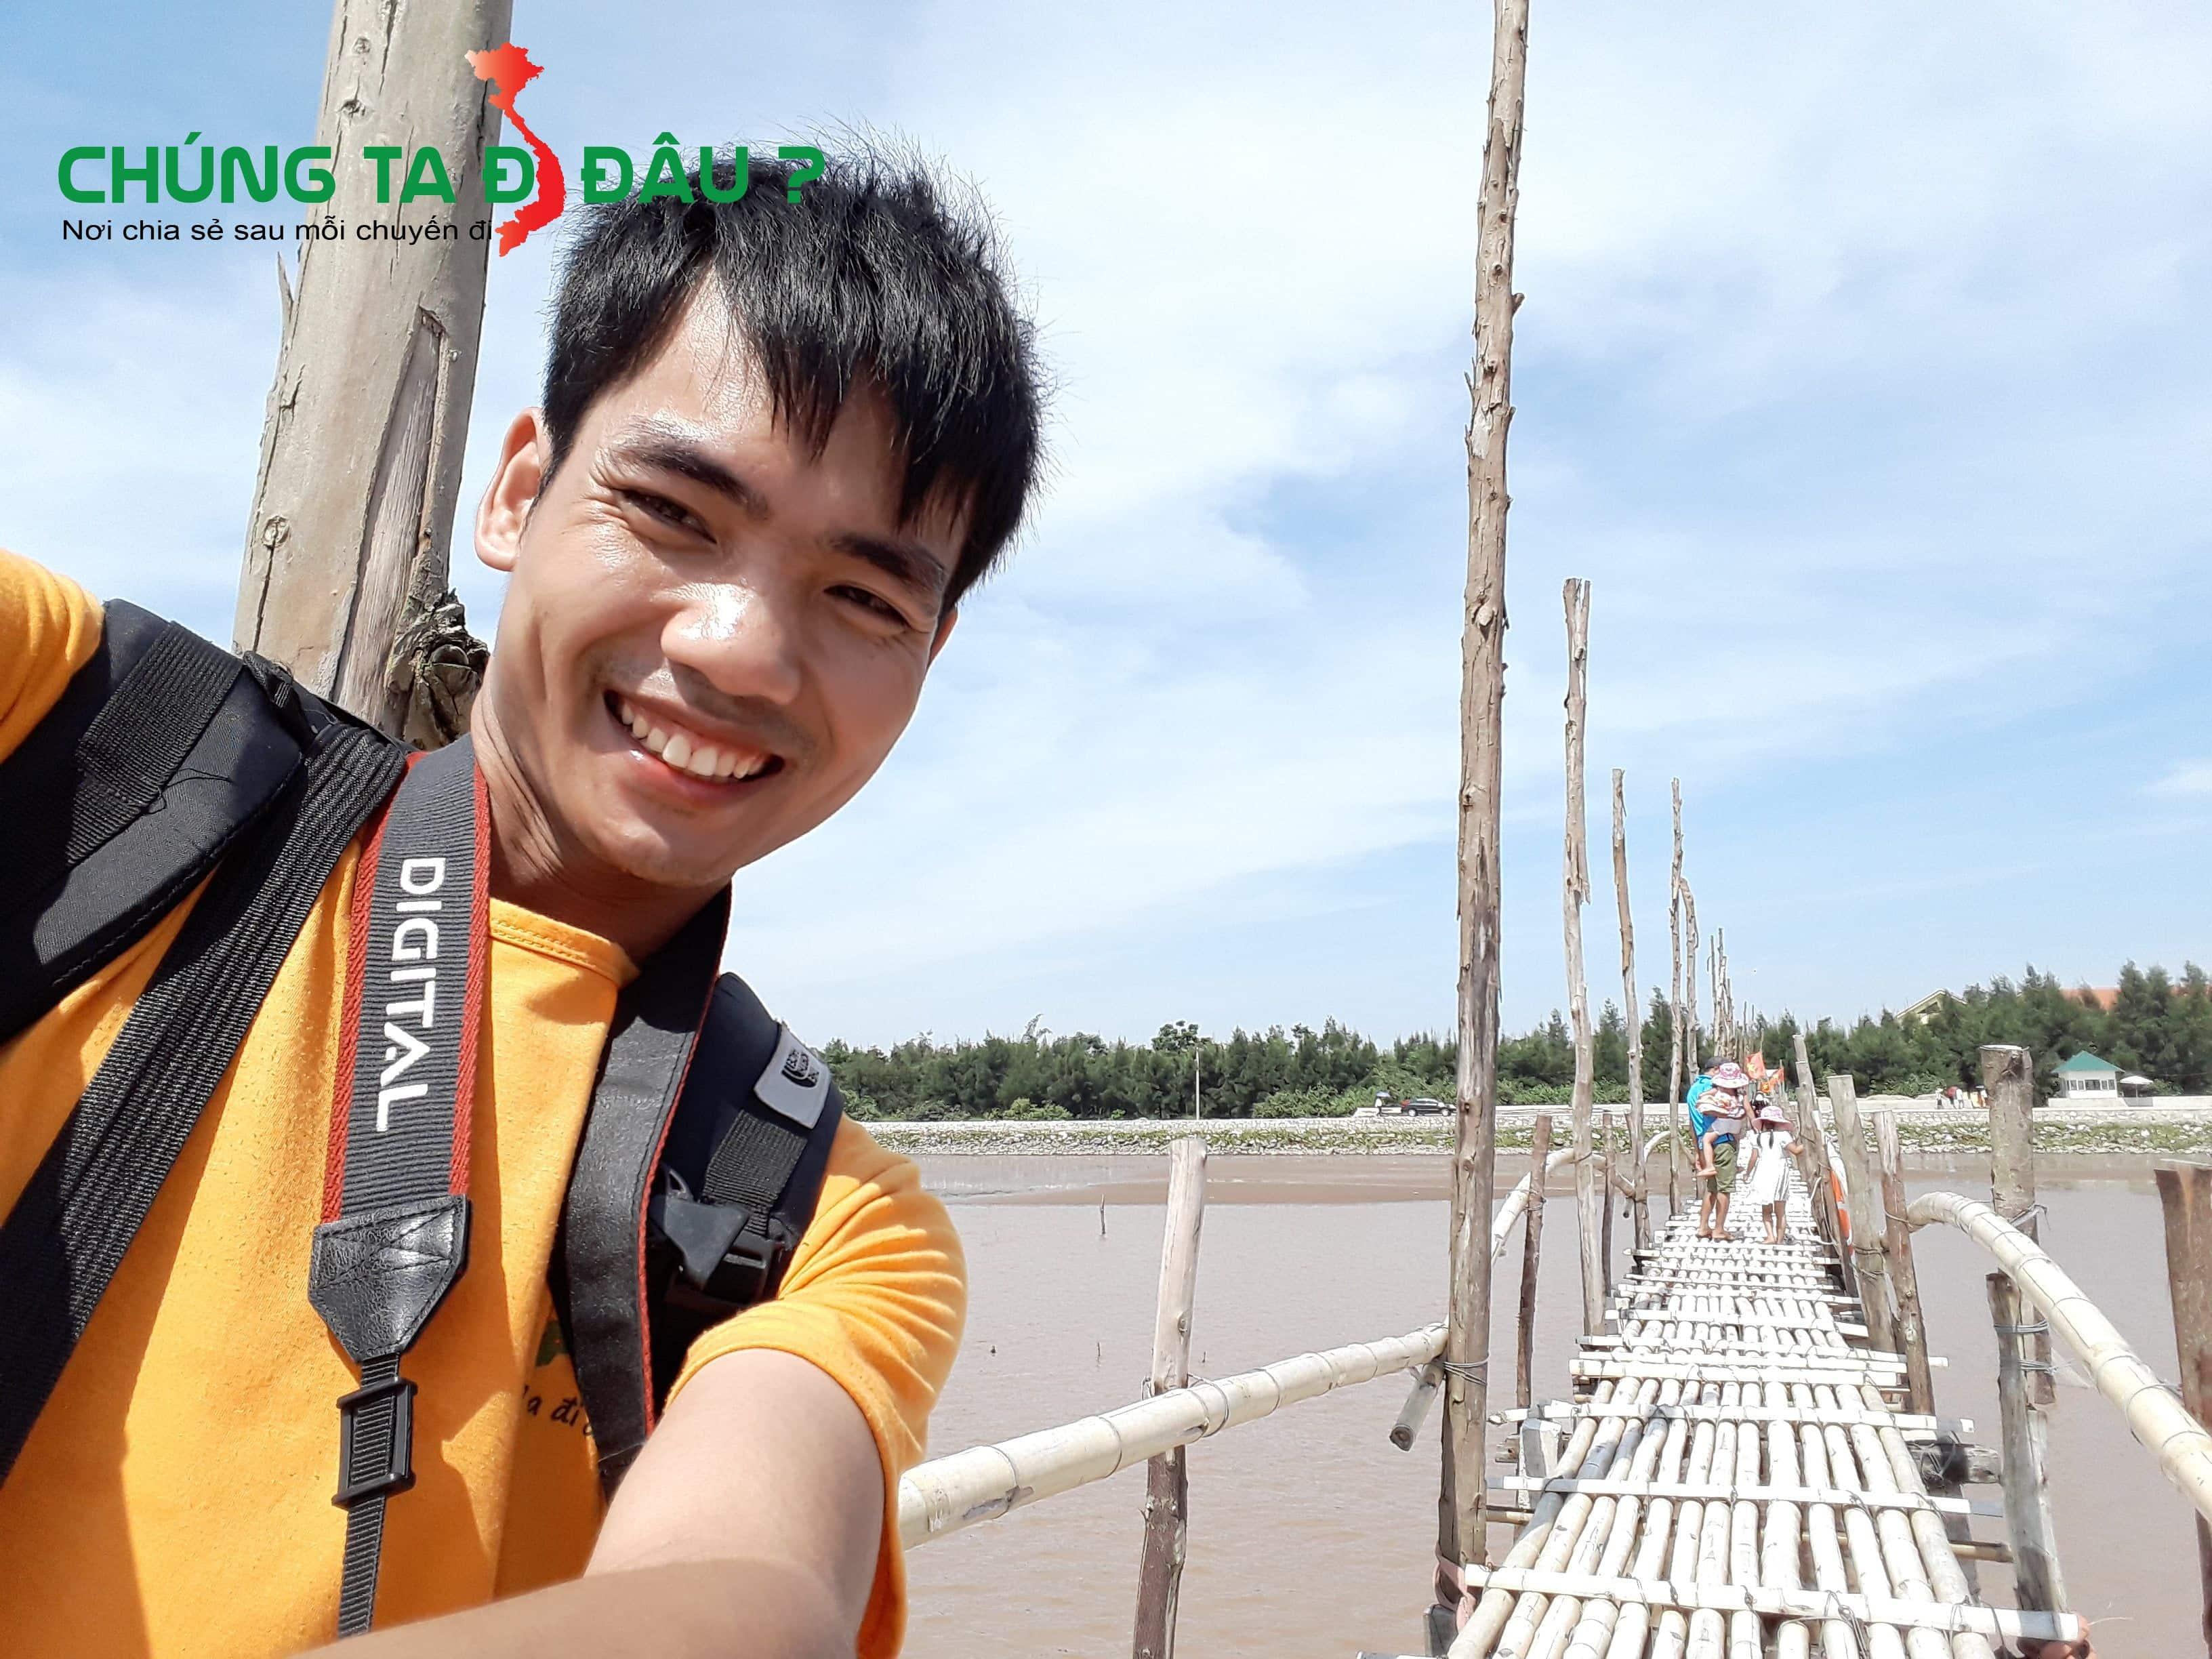 Cây cầu này rất dài luôn